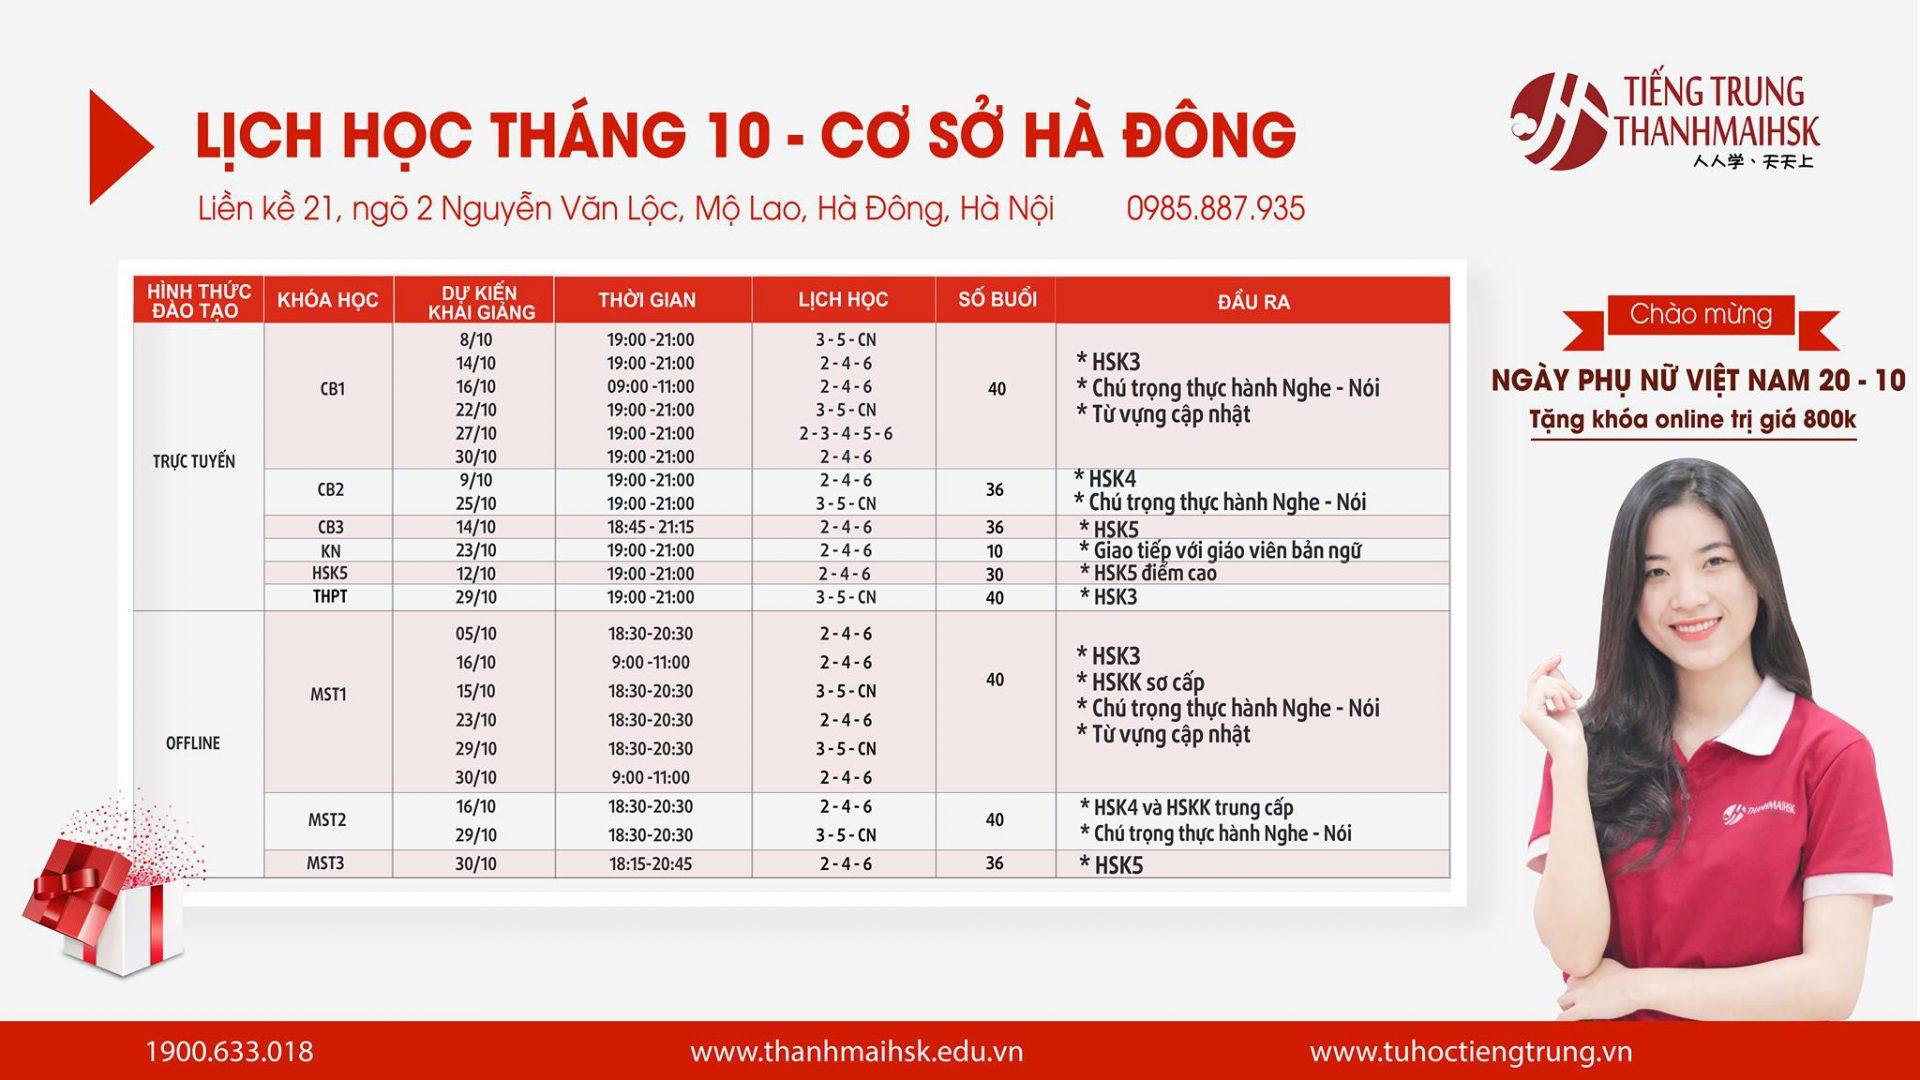 Trung tâm tiếng Trung Thanhmaihsk Hà Đông